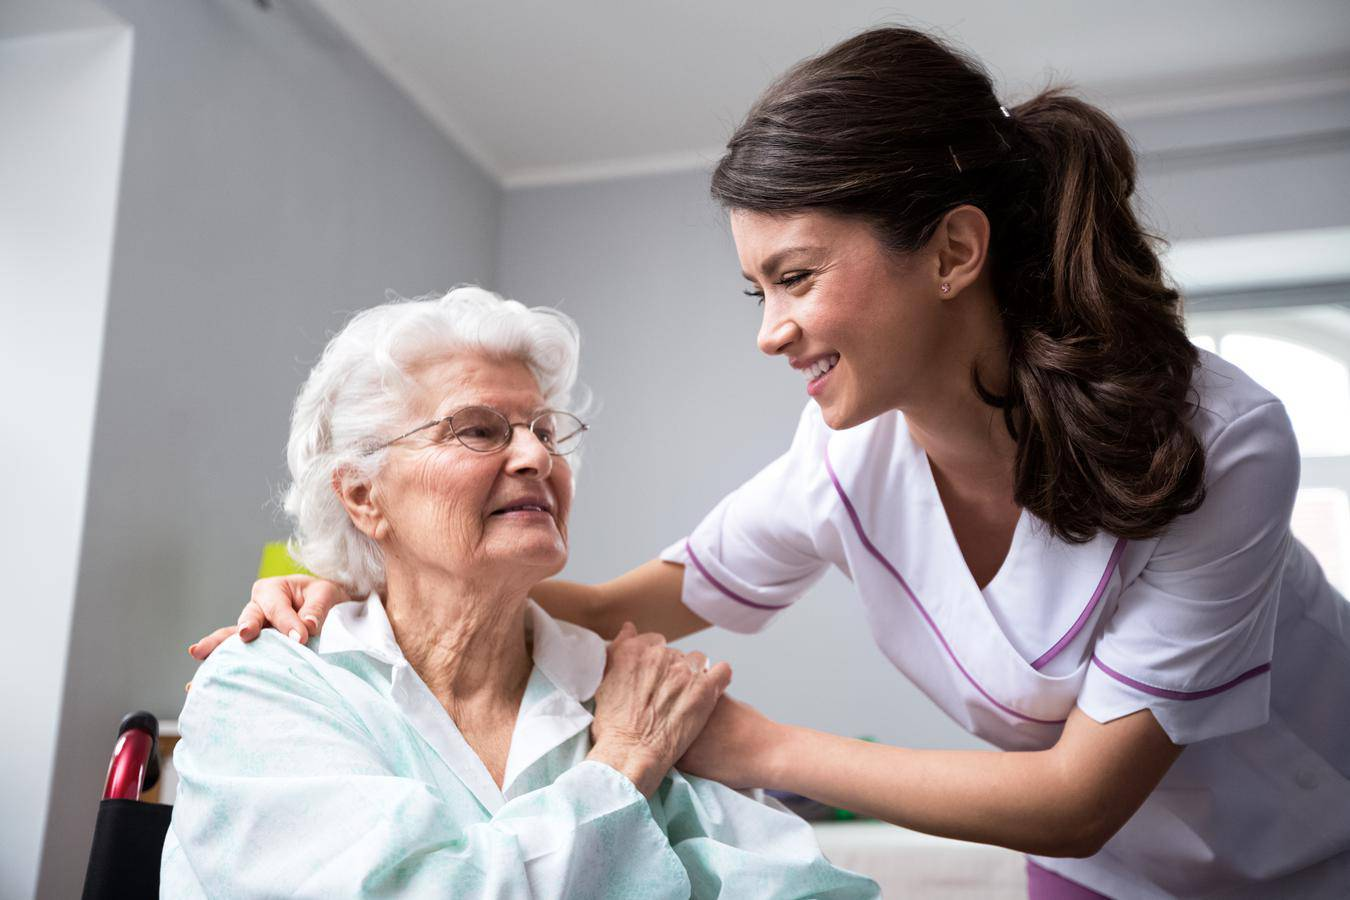 Krankenschwester / Krankenpfleger